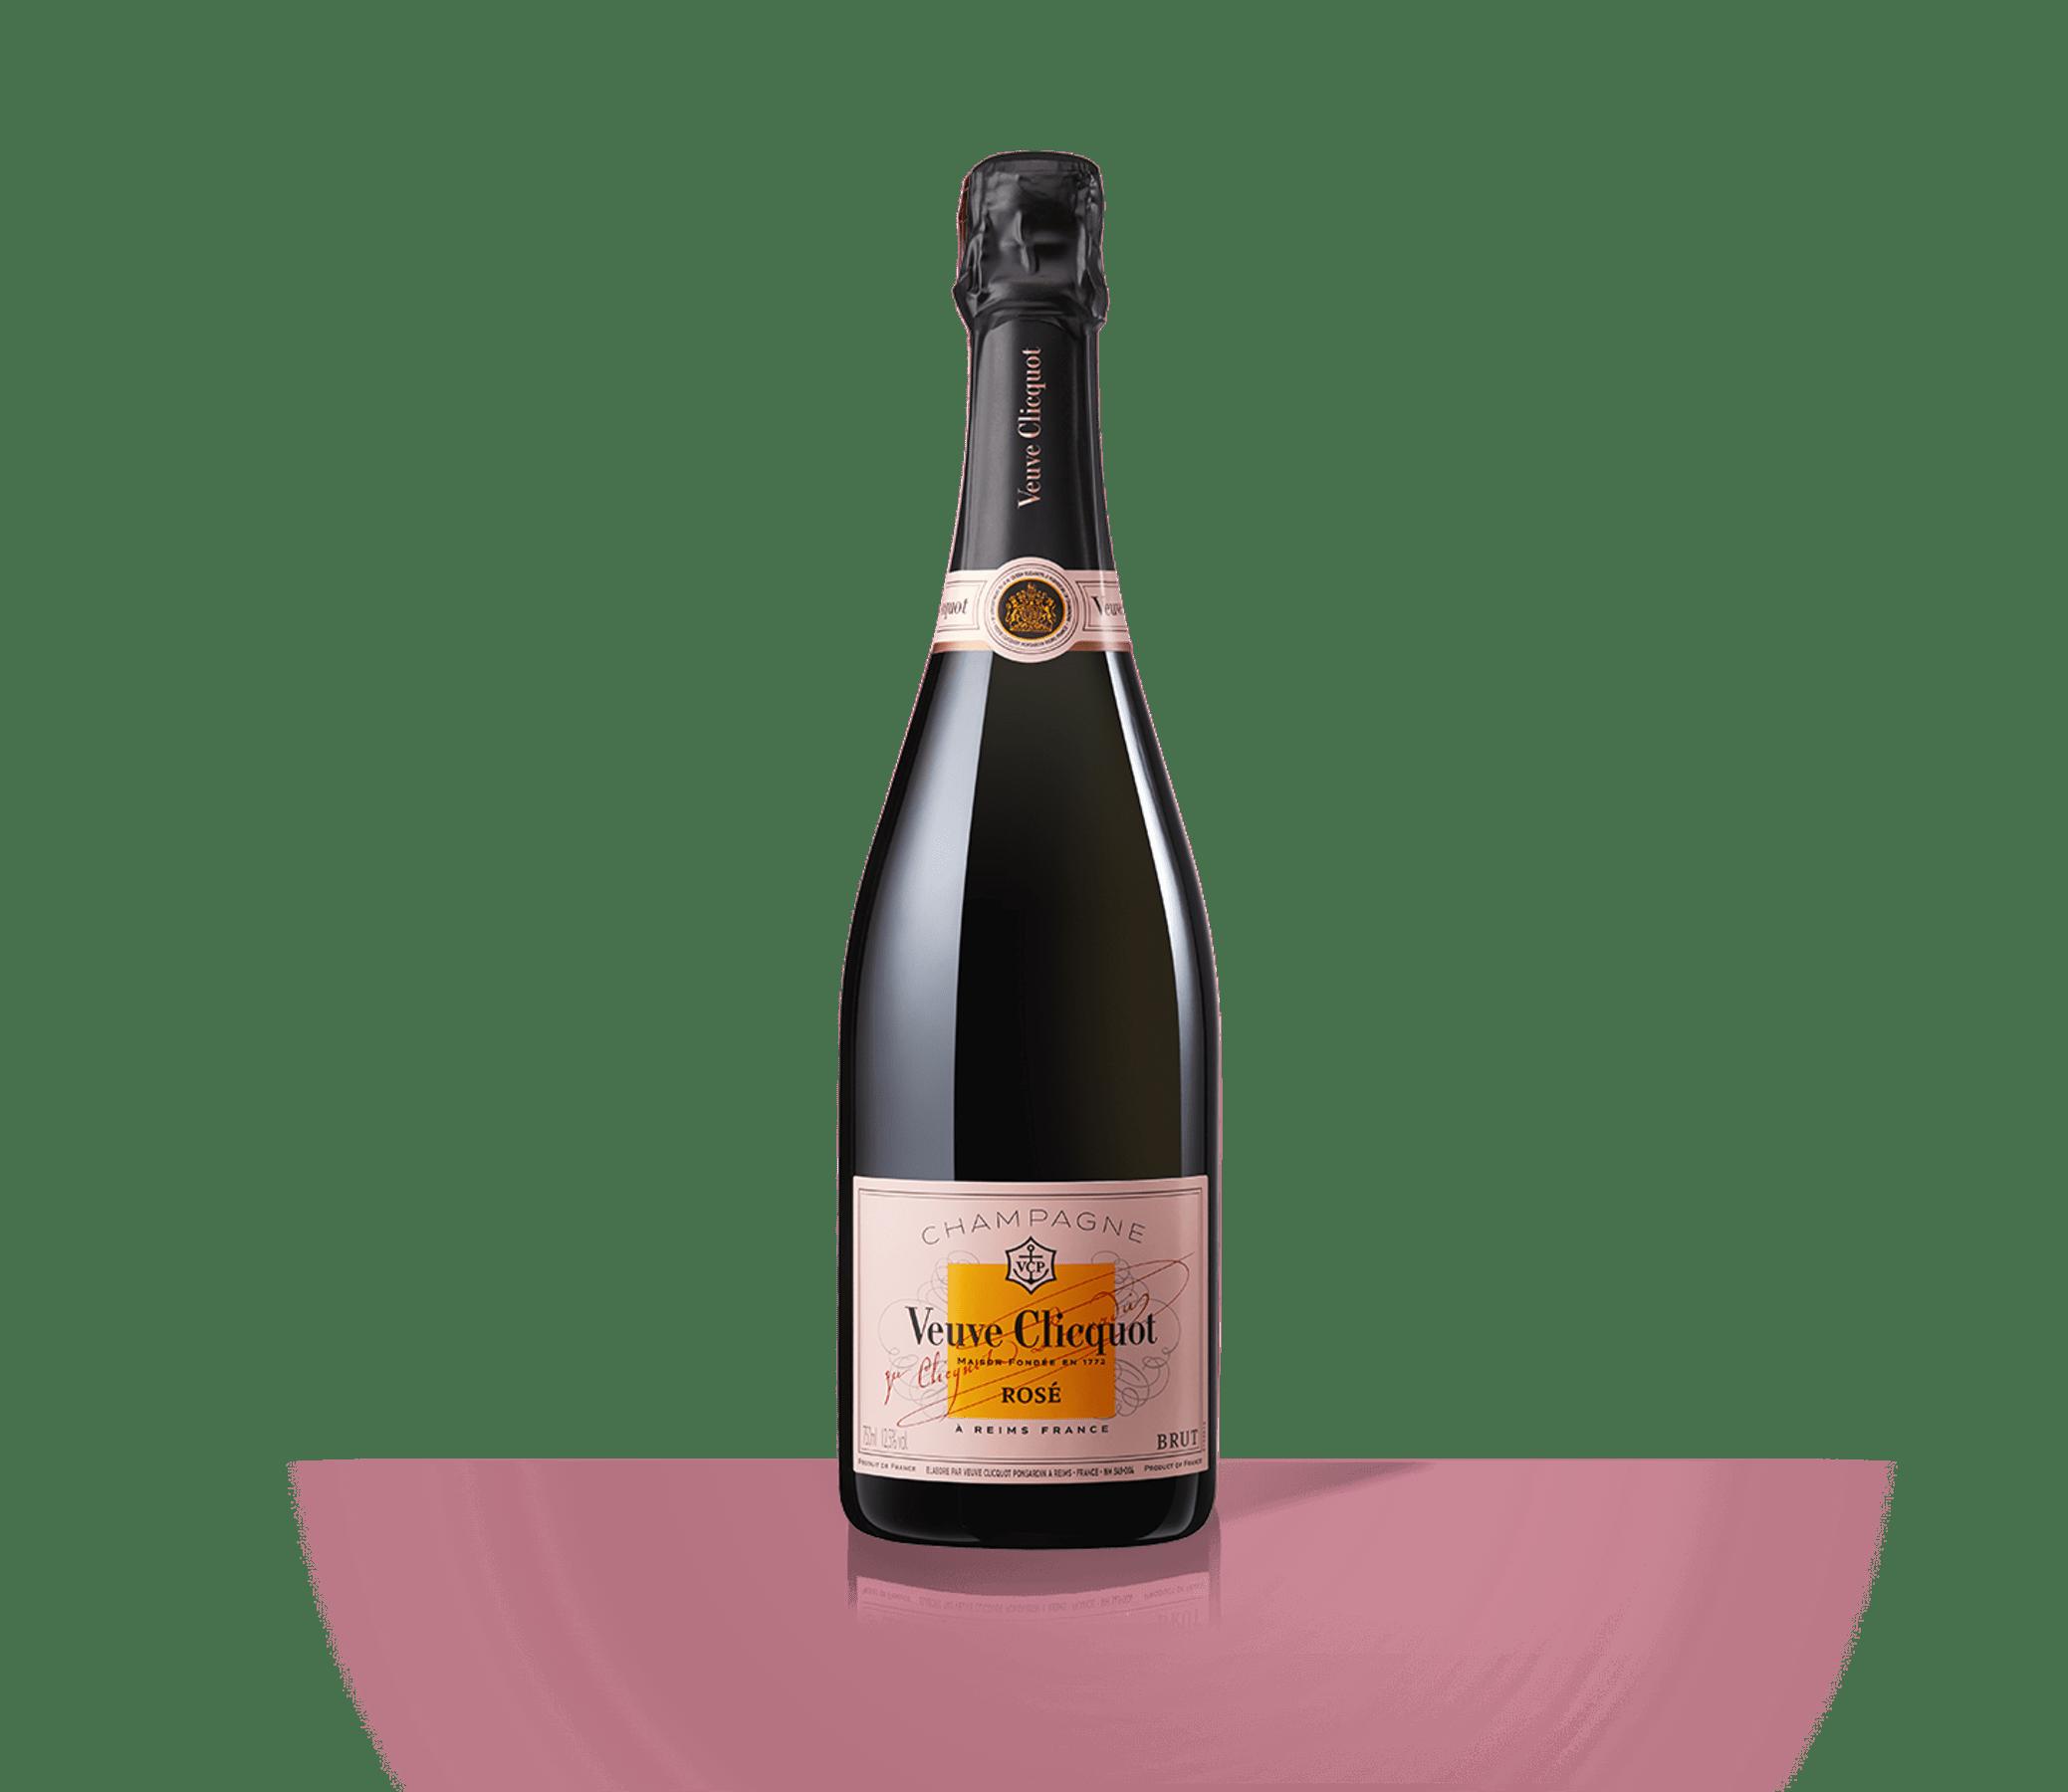 Бутылка шампанского Veuve Clicquot Rosé